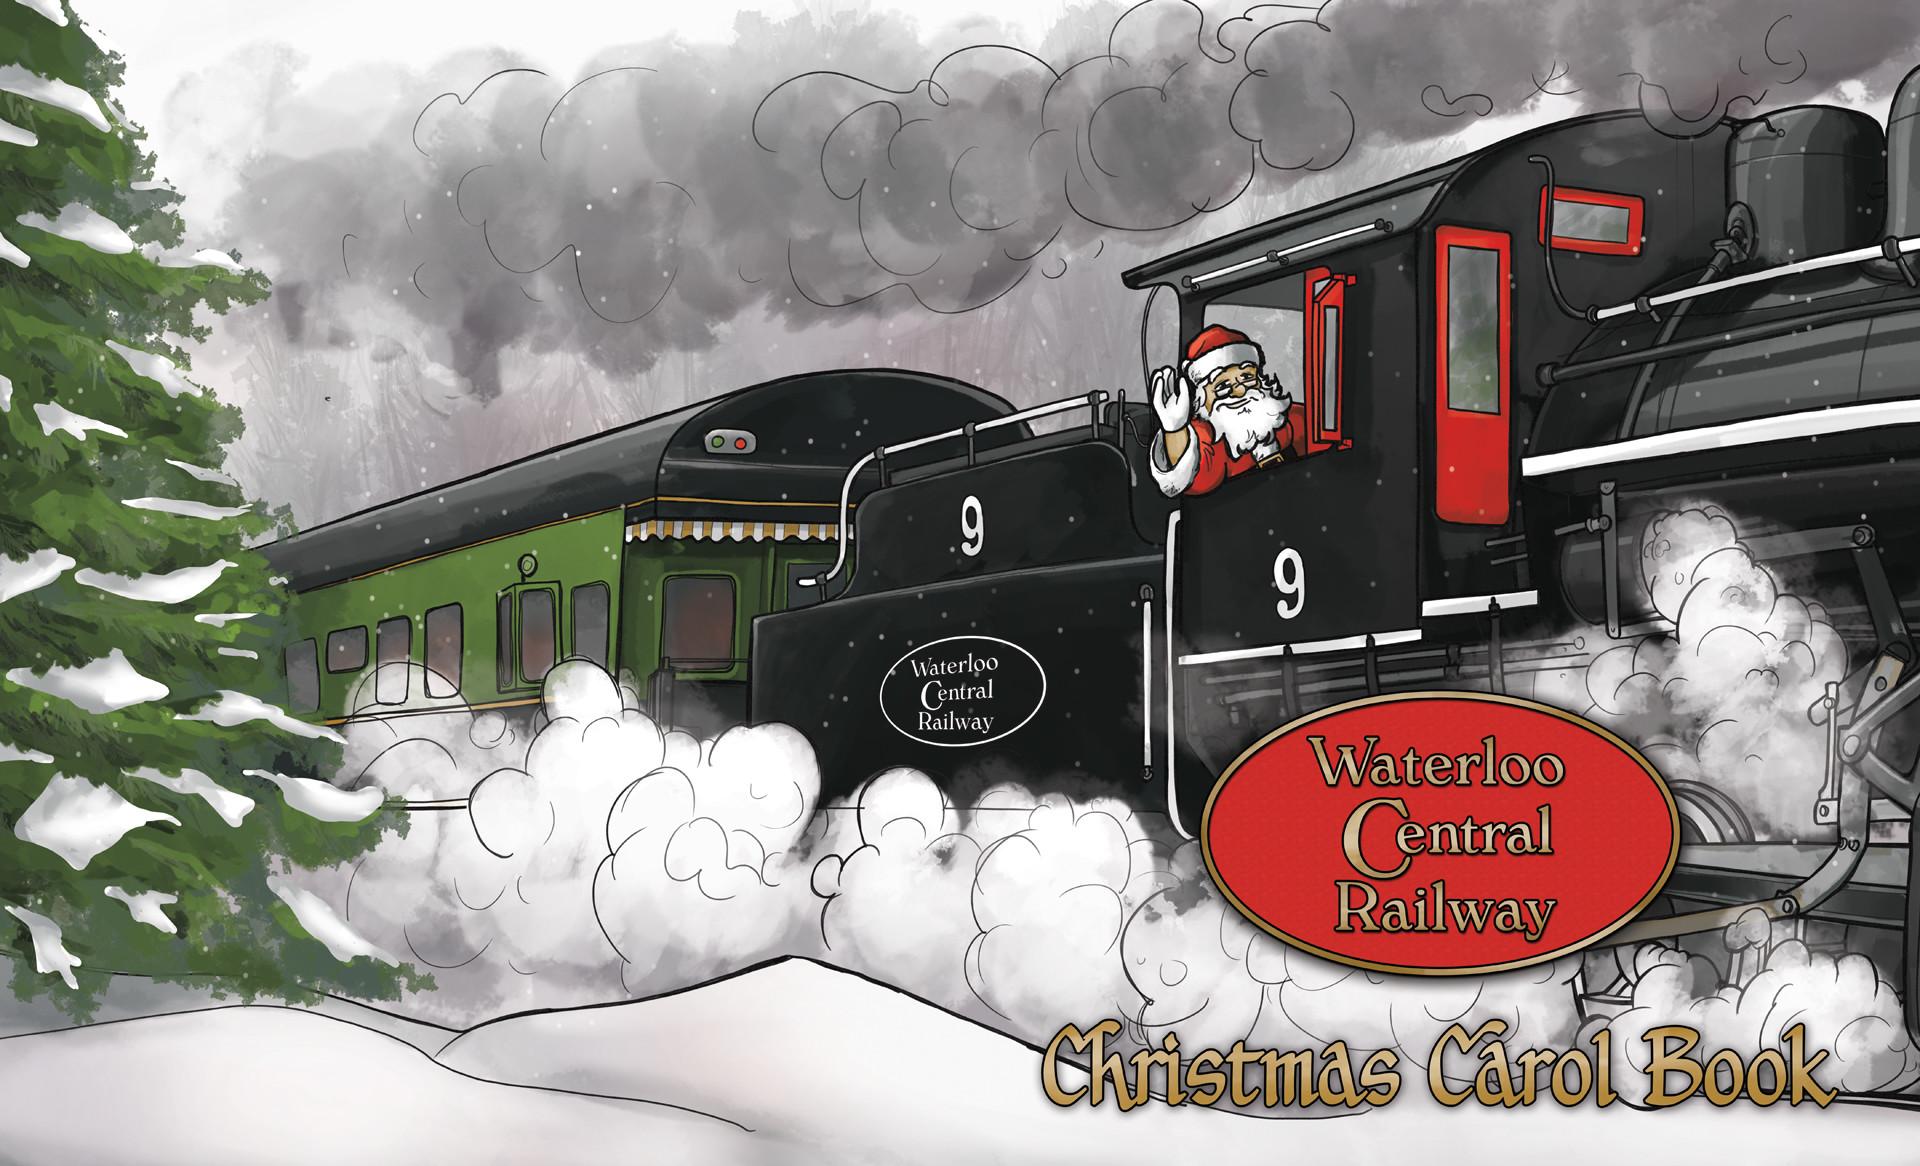 Graham moogk soulis wcr christmas book cover 2014 full